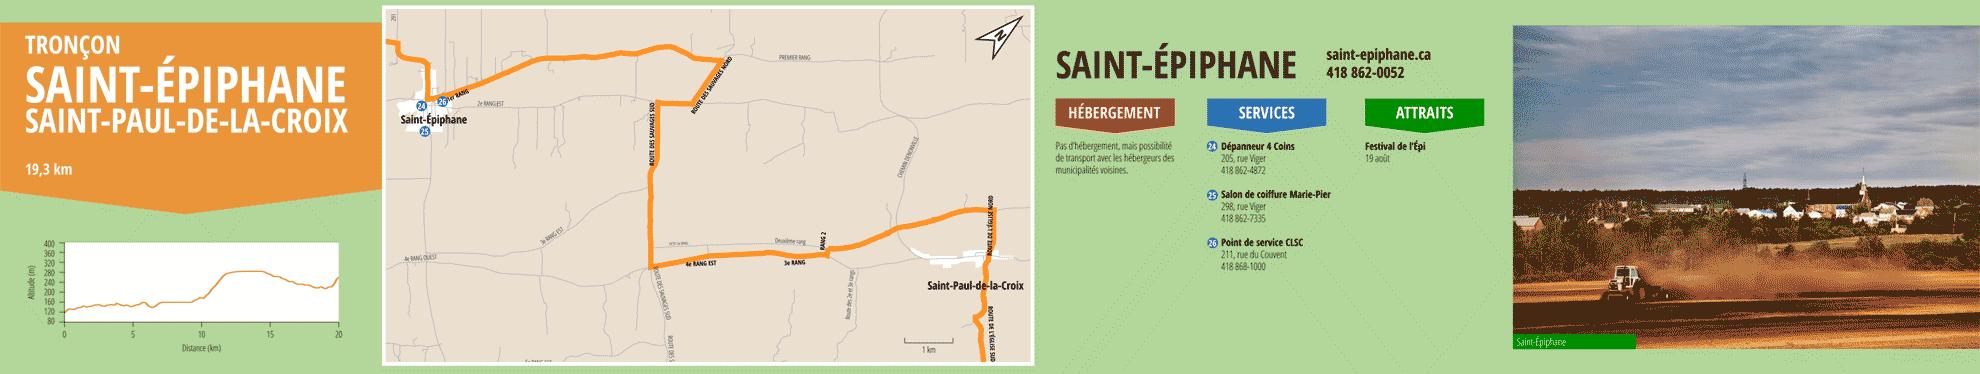 La Route des passants - Tronçon Saint-Épiphane/Saint-Paul-de-la-Croix